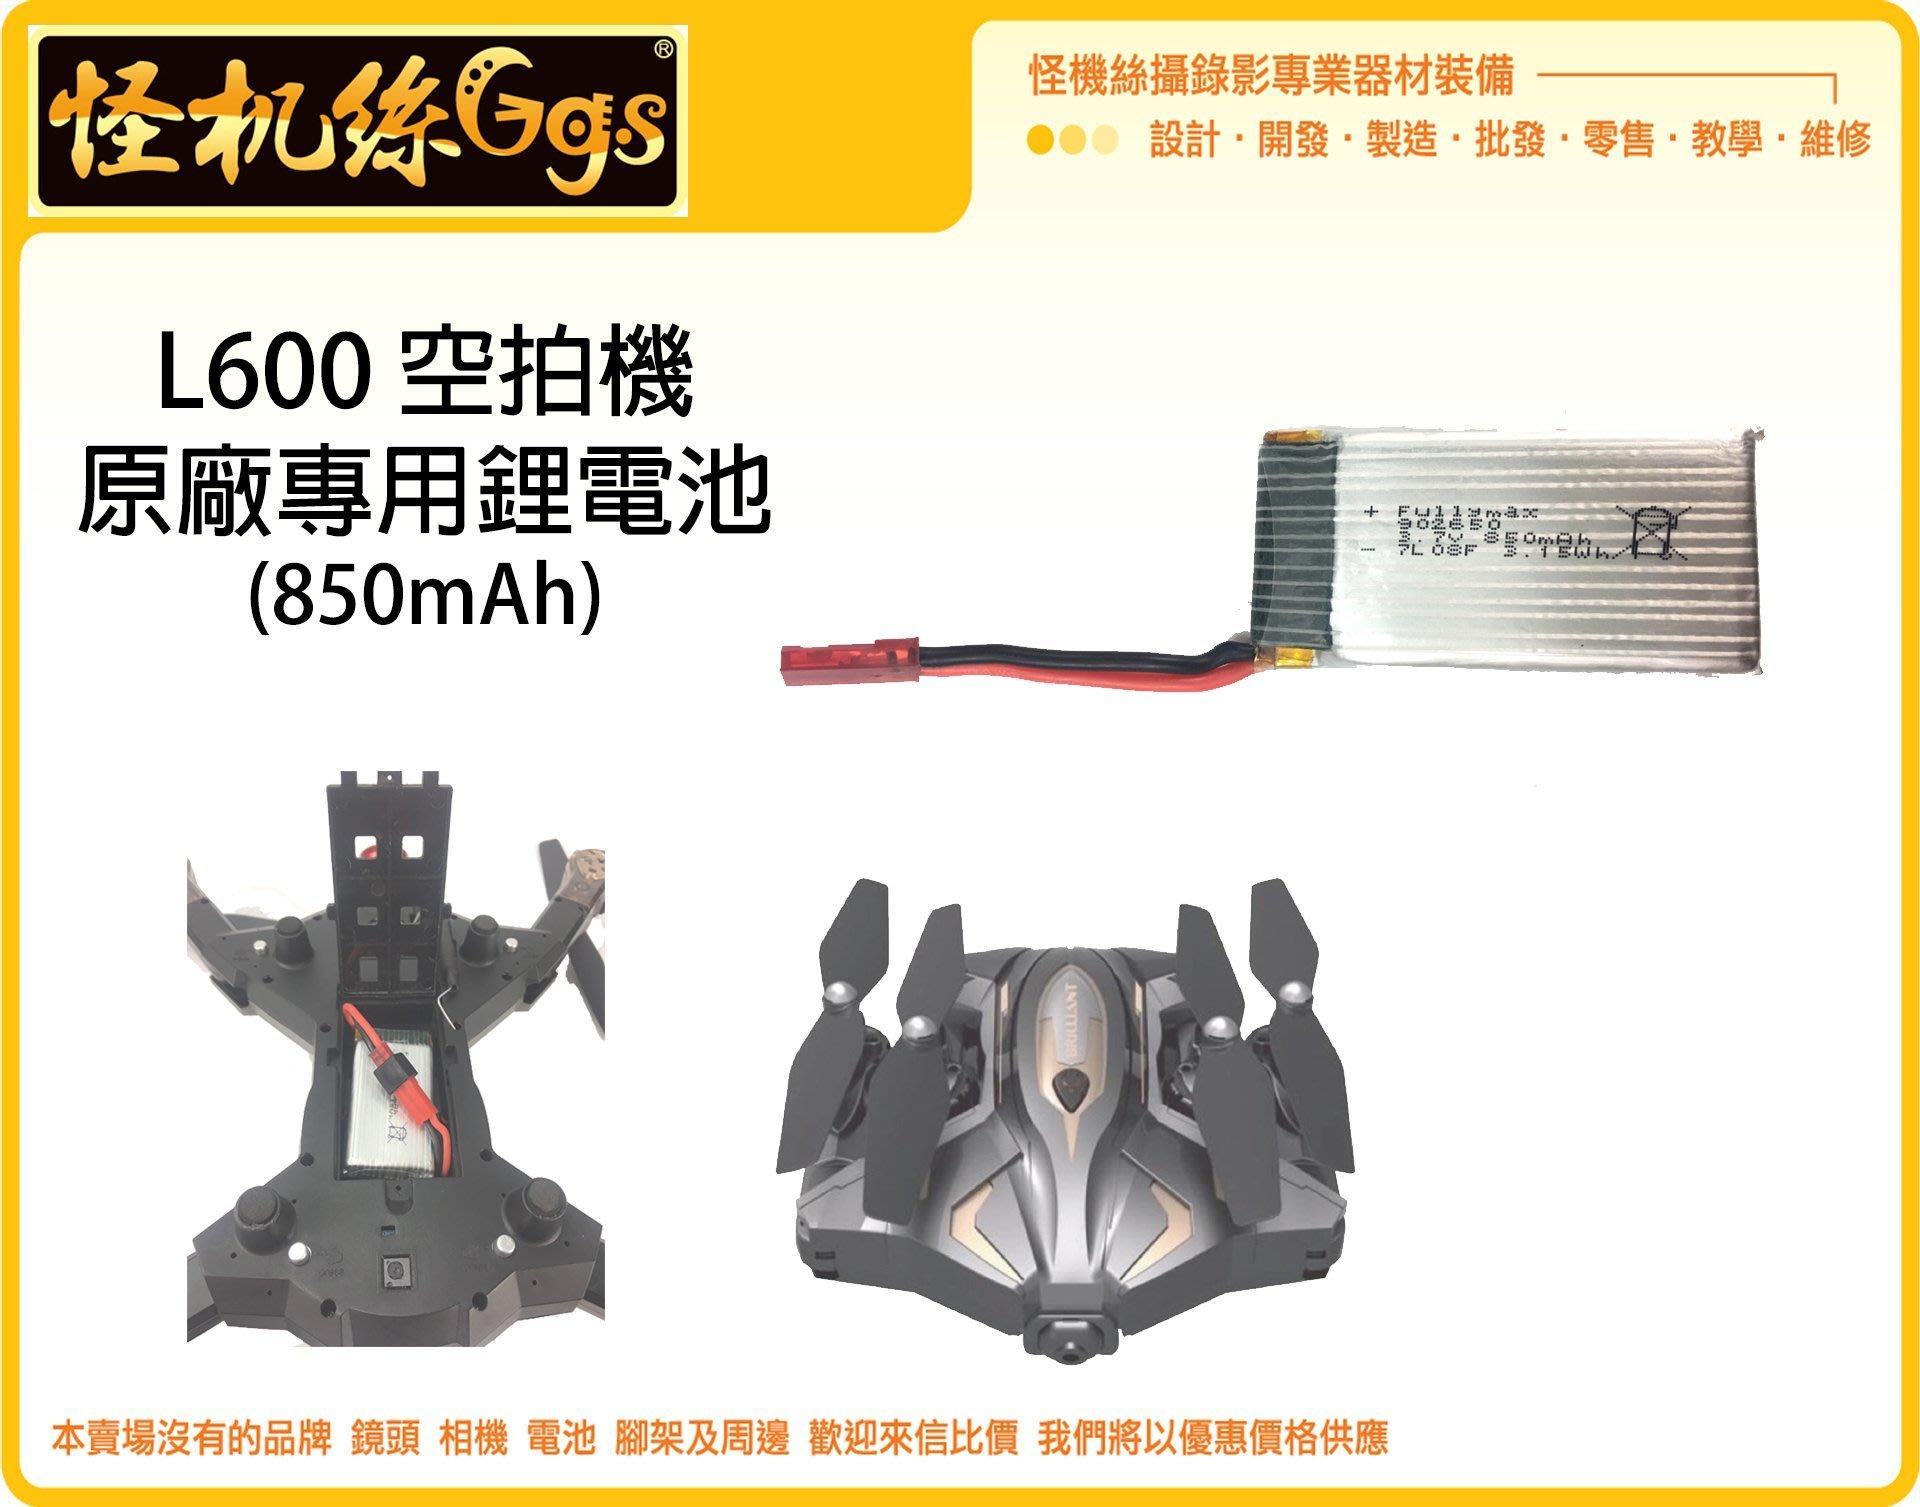 怪機絲 L600 專用原廠電池 單顆 850MAH 電池 鋰電池 無人機 四軸摺疊空拍機 可充電 不含空拍機